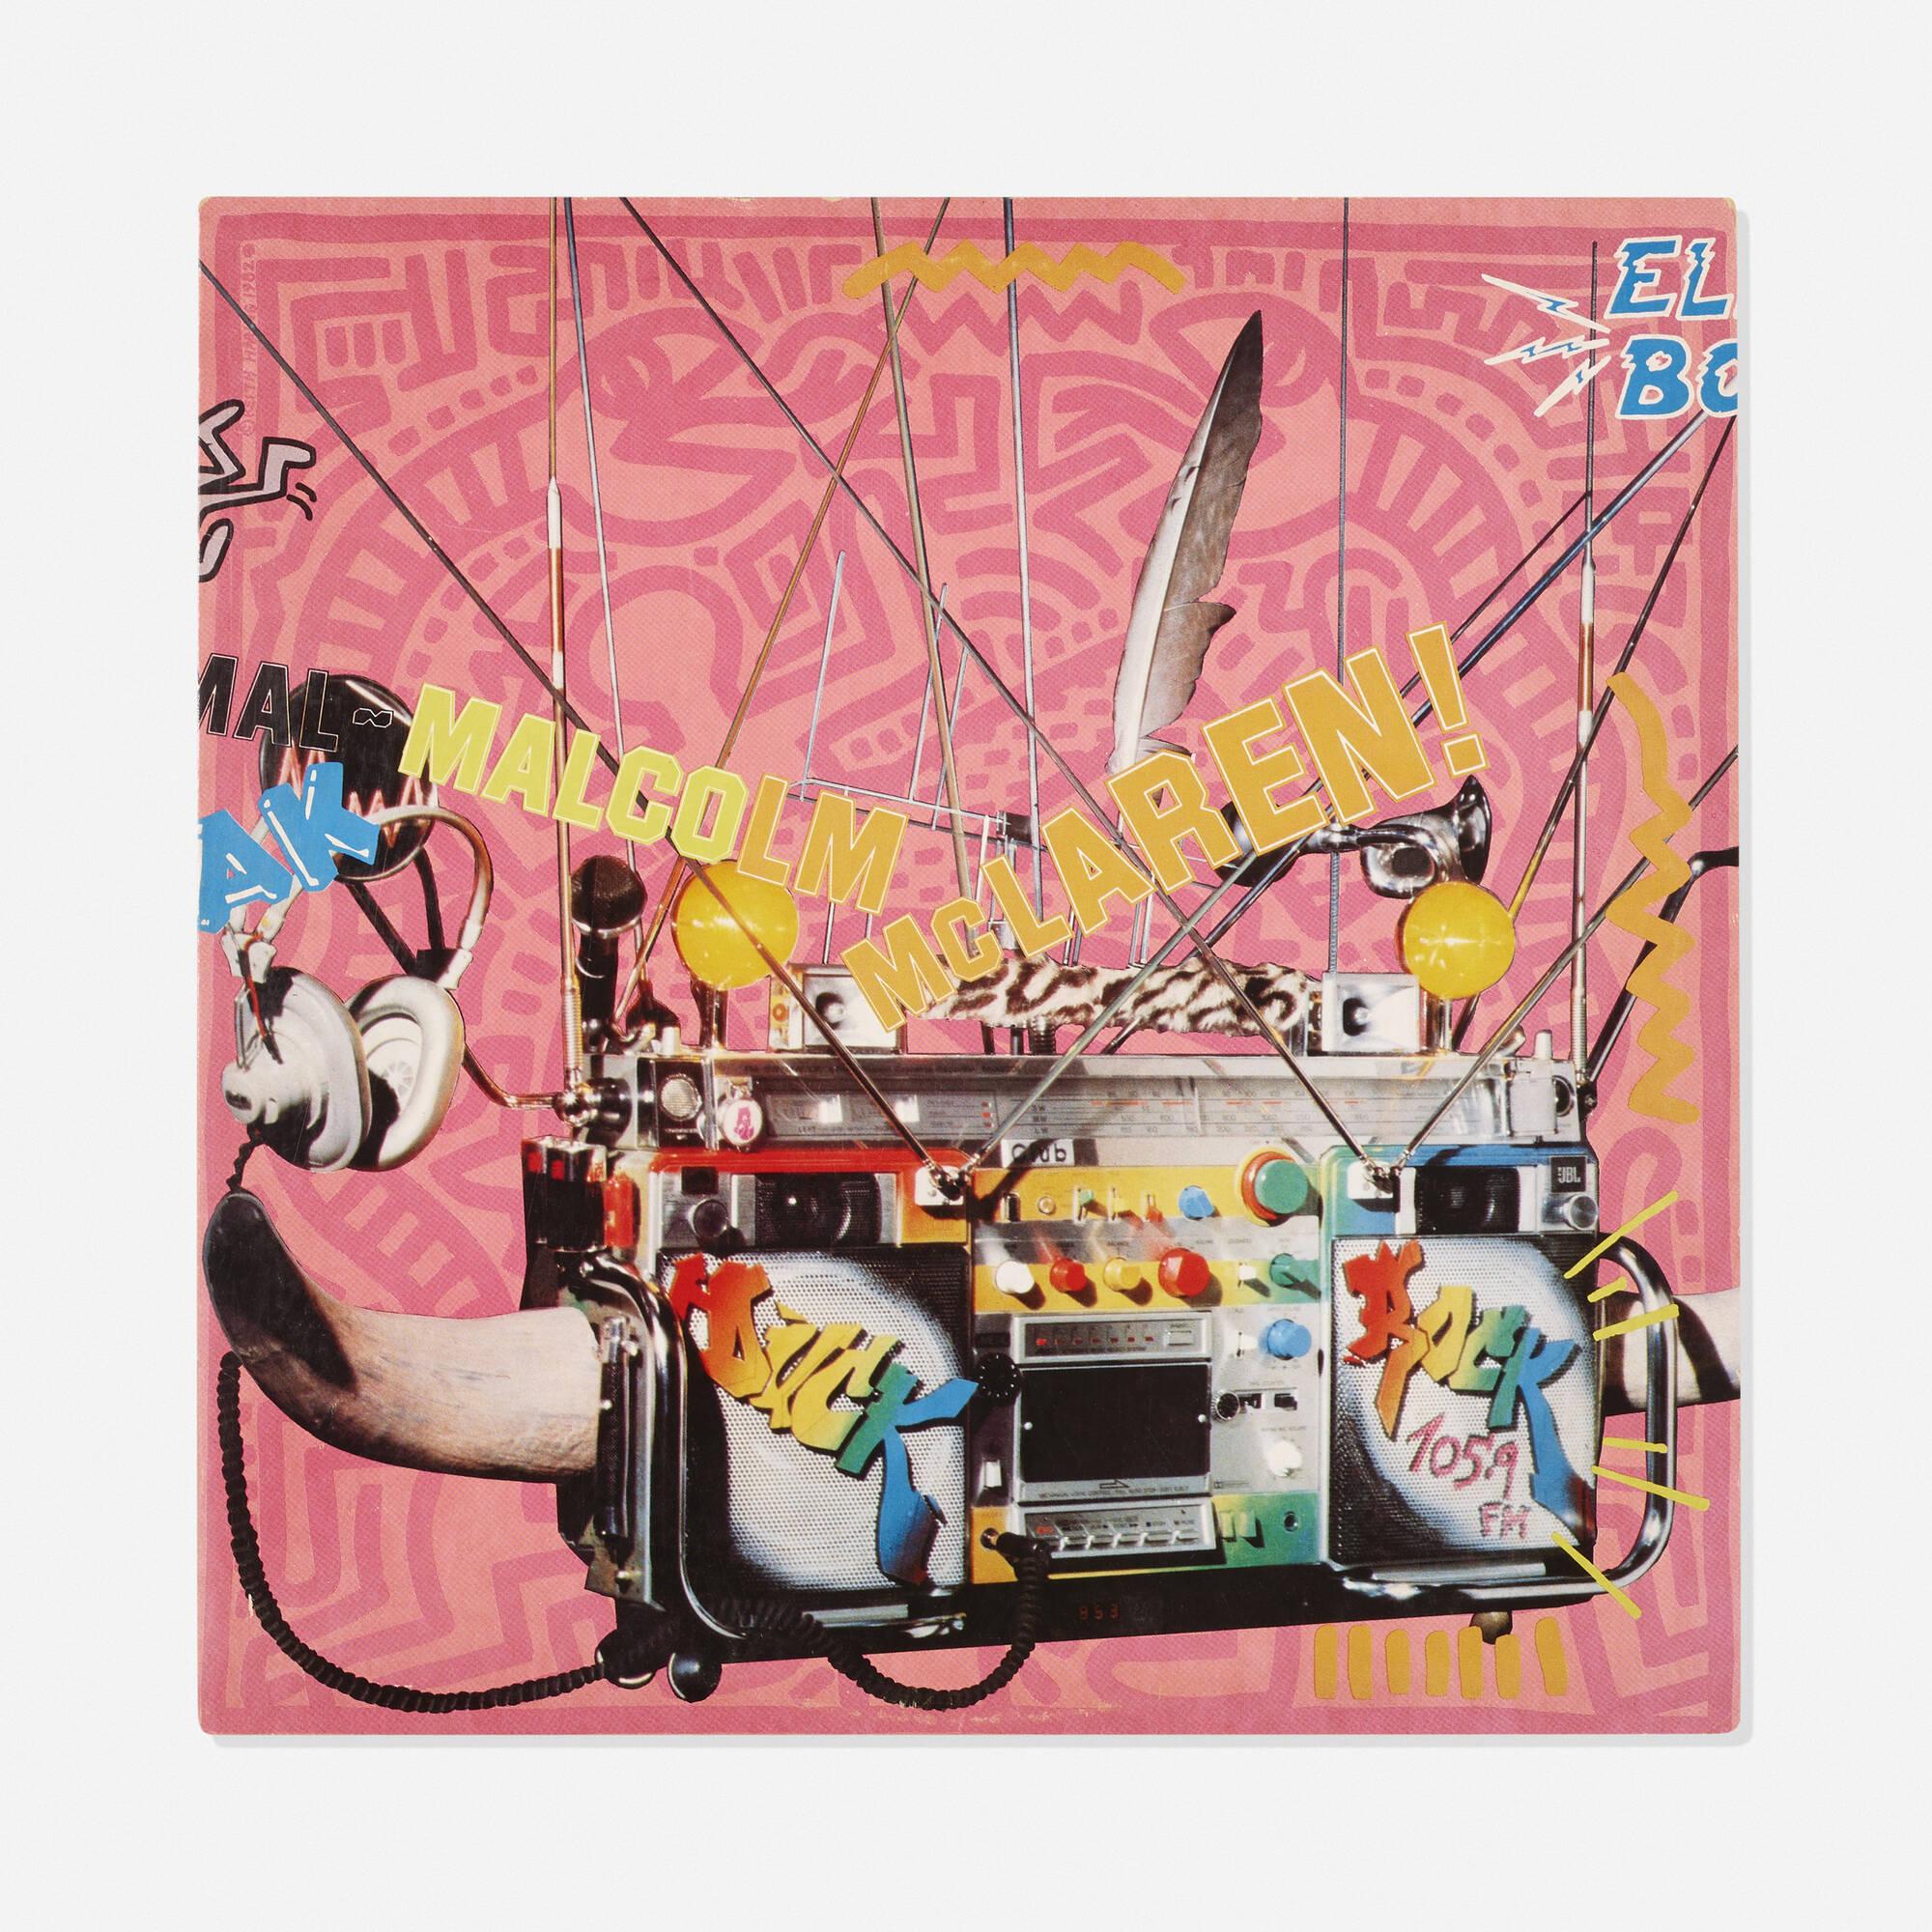 319: Keith Haring / Malcolm McLauren Duck Rock LP (1 of 1)